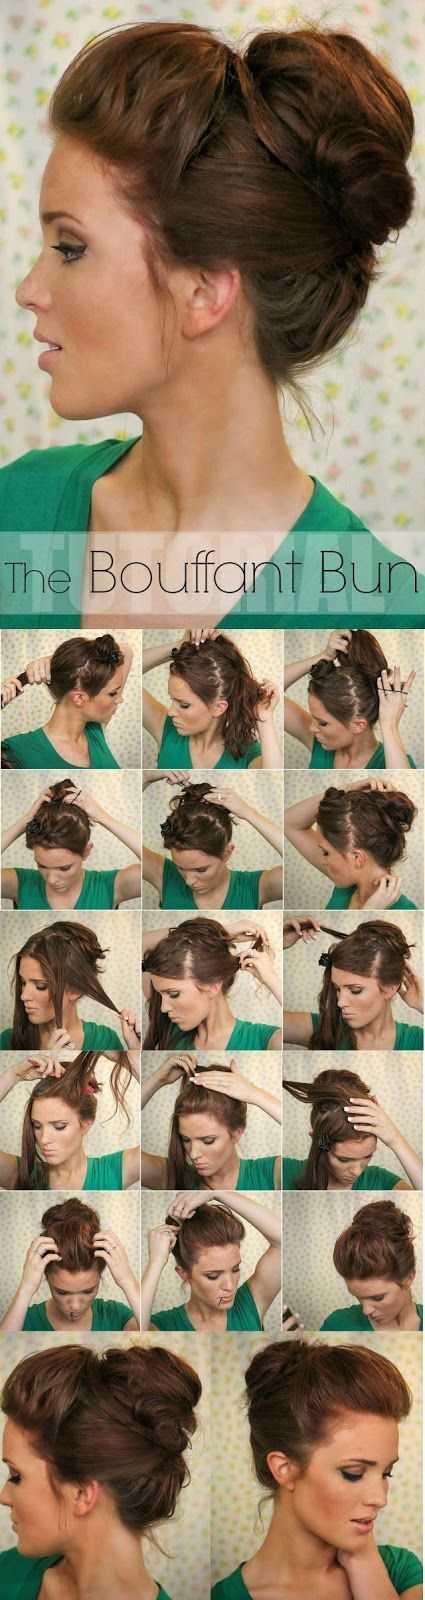 Bouffant Bun Peinado por un largo y grueso pelo